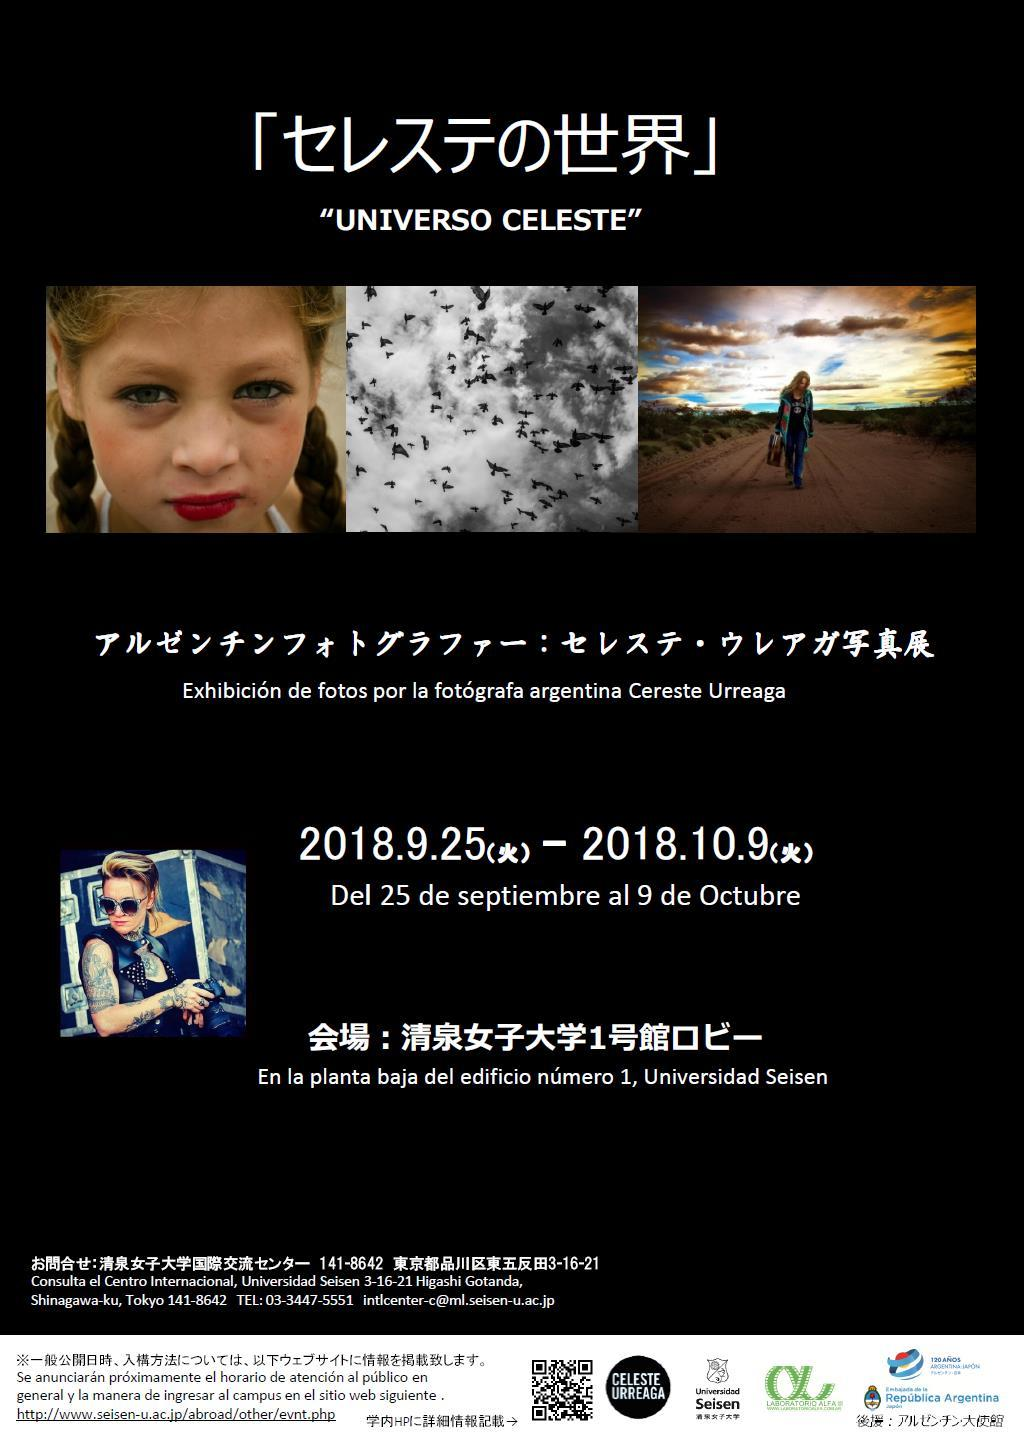 清泉女子大学が日本アルゼンチン修好120周年記念写真展「セレステの世界」を開催 -- アルゼンチンのフォトグラファーによる作品を10月5日まで一般公開